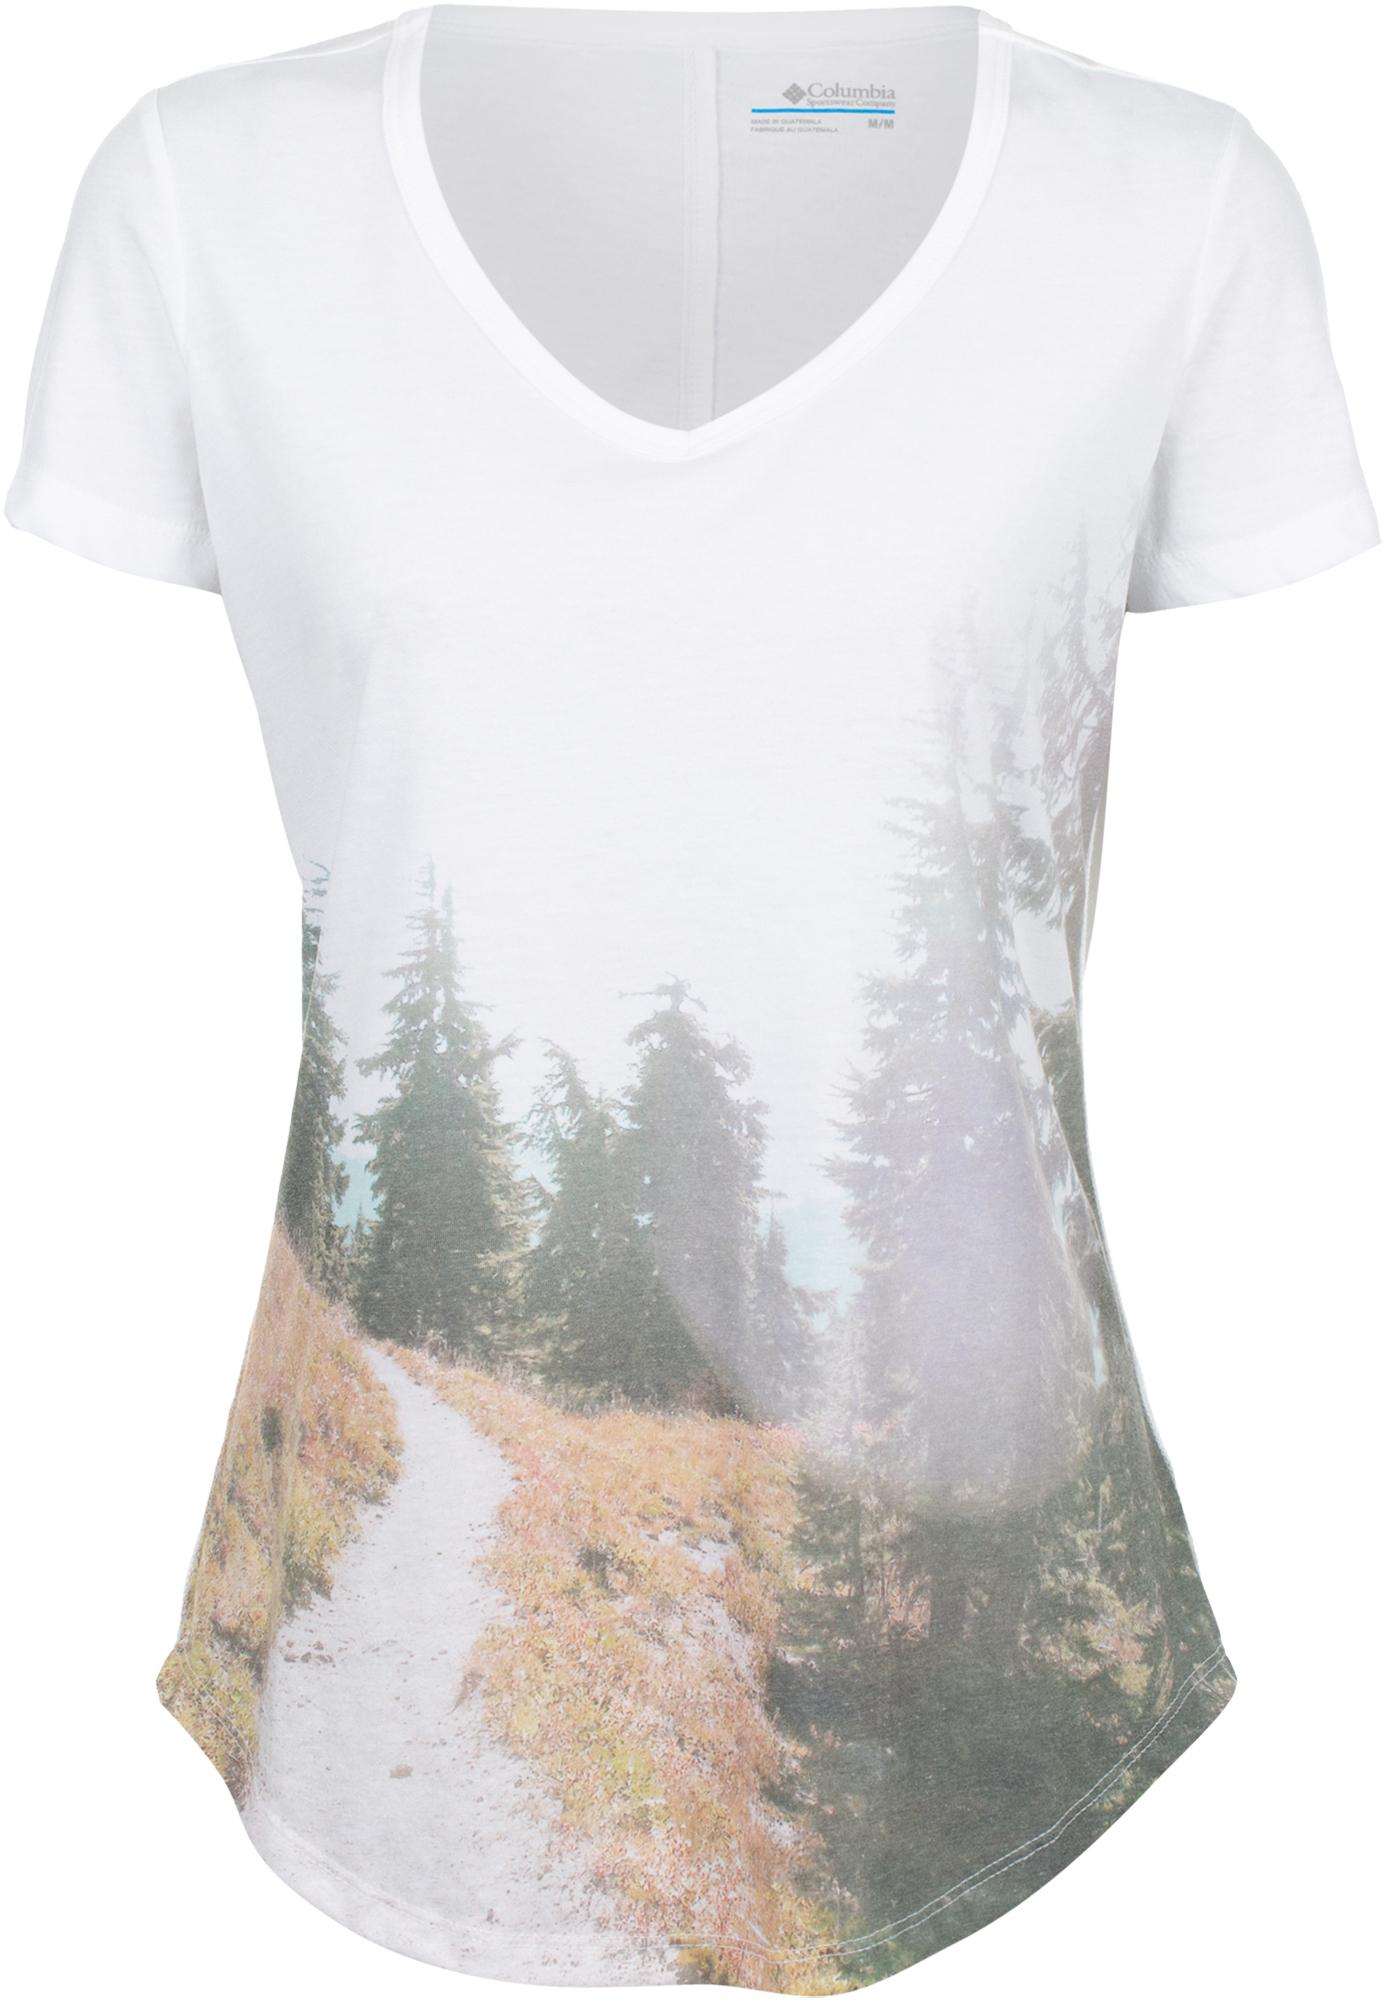 Columbia Футболка женская Columbia Piney FallsSS Tee, размер 48 футболка женская levi s® tees graphic ss цвет розовый 1736904090 размер xl 50